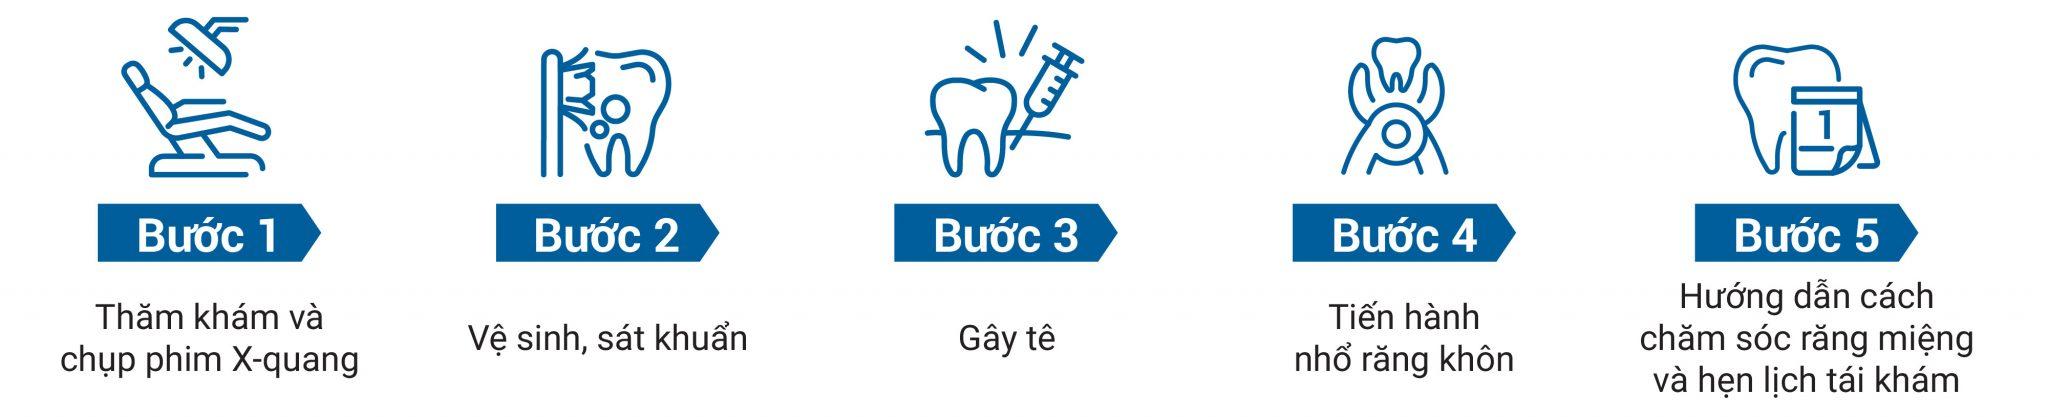 quy trình nhổ răng khôn